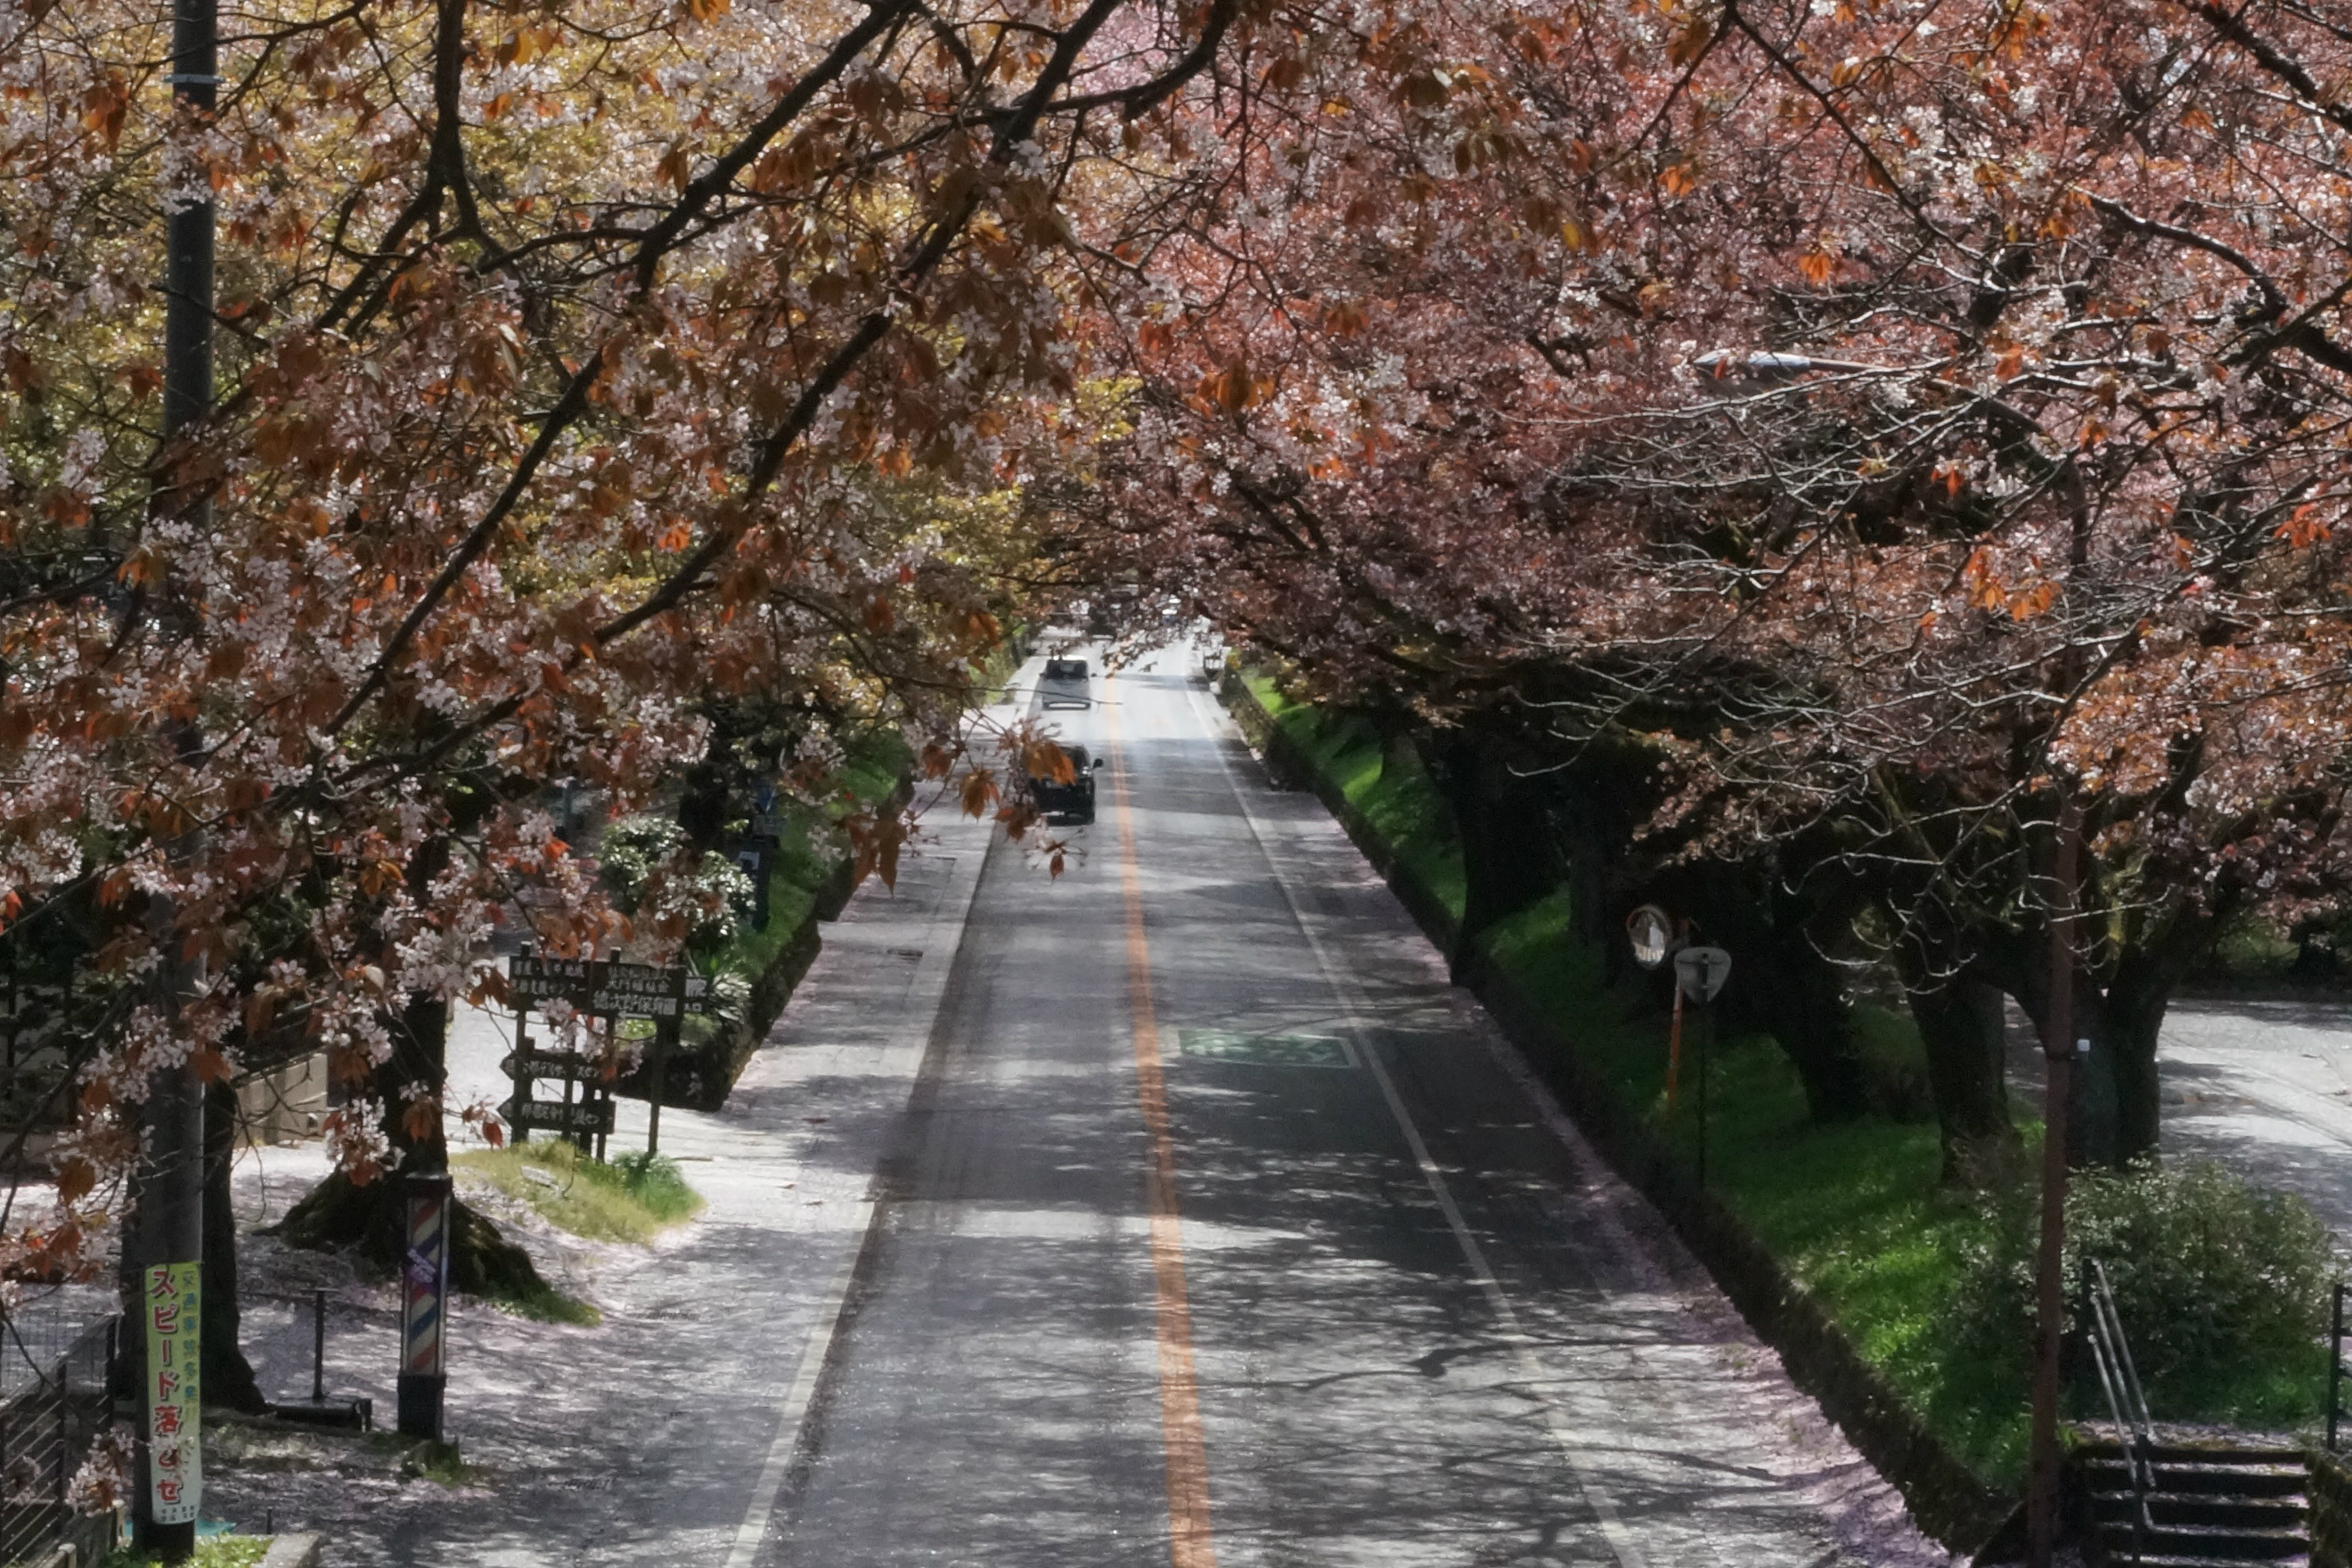 日光街道2018年4月8日更新